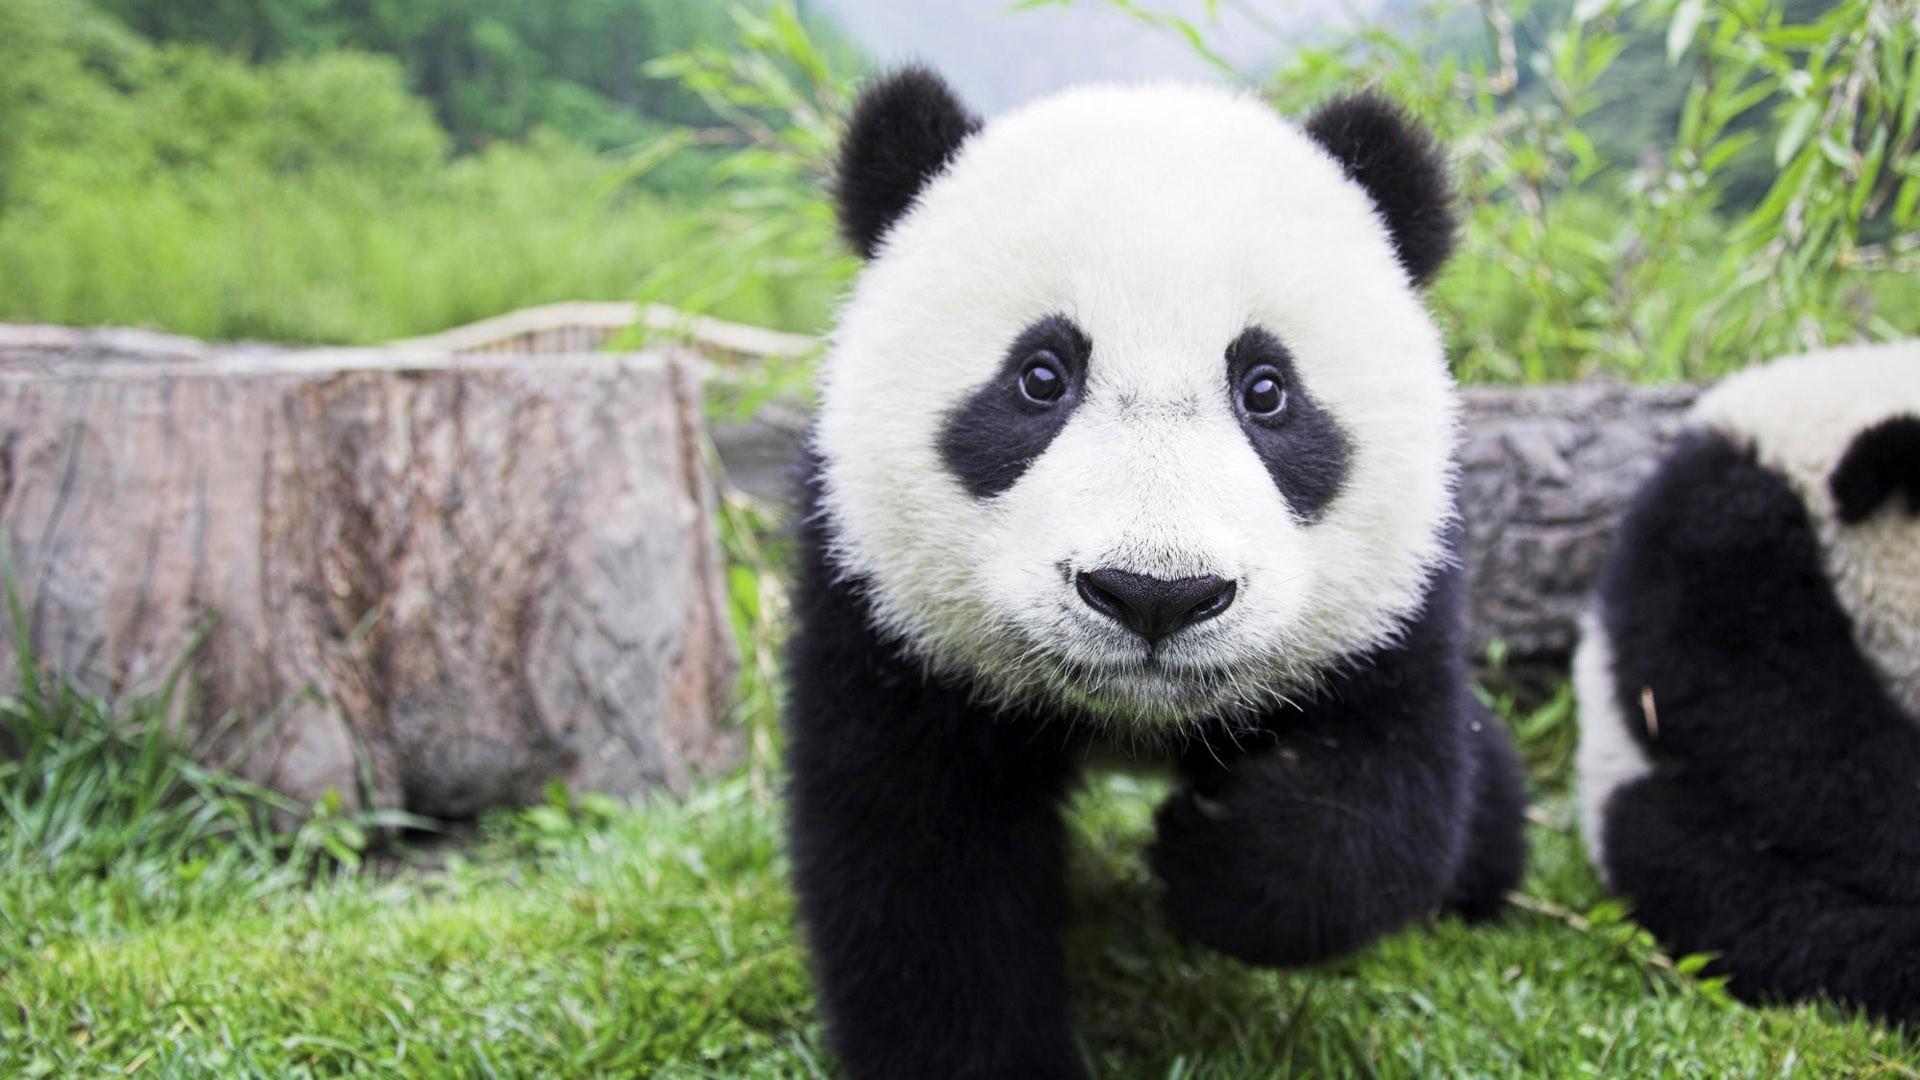 大�9��*zZ�h�K��x�_壁纸 大熊猫 动物 1920_1080